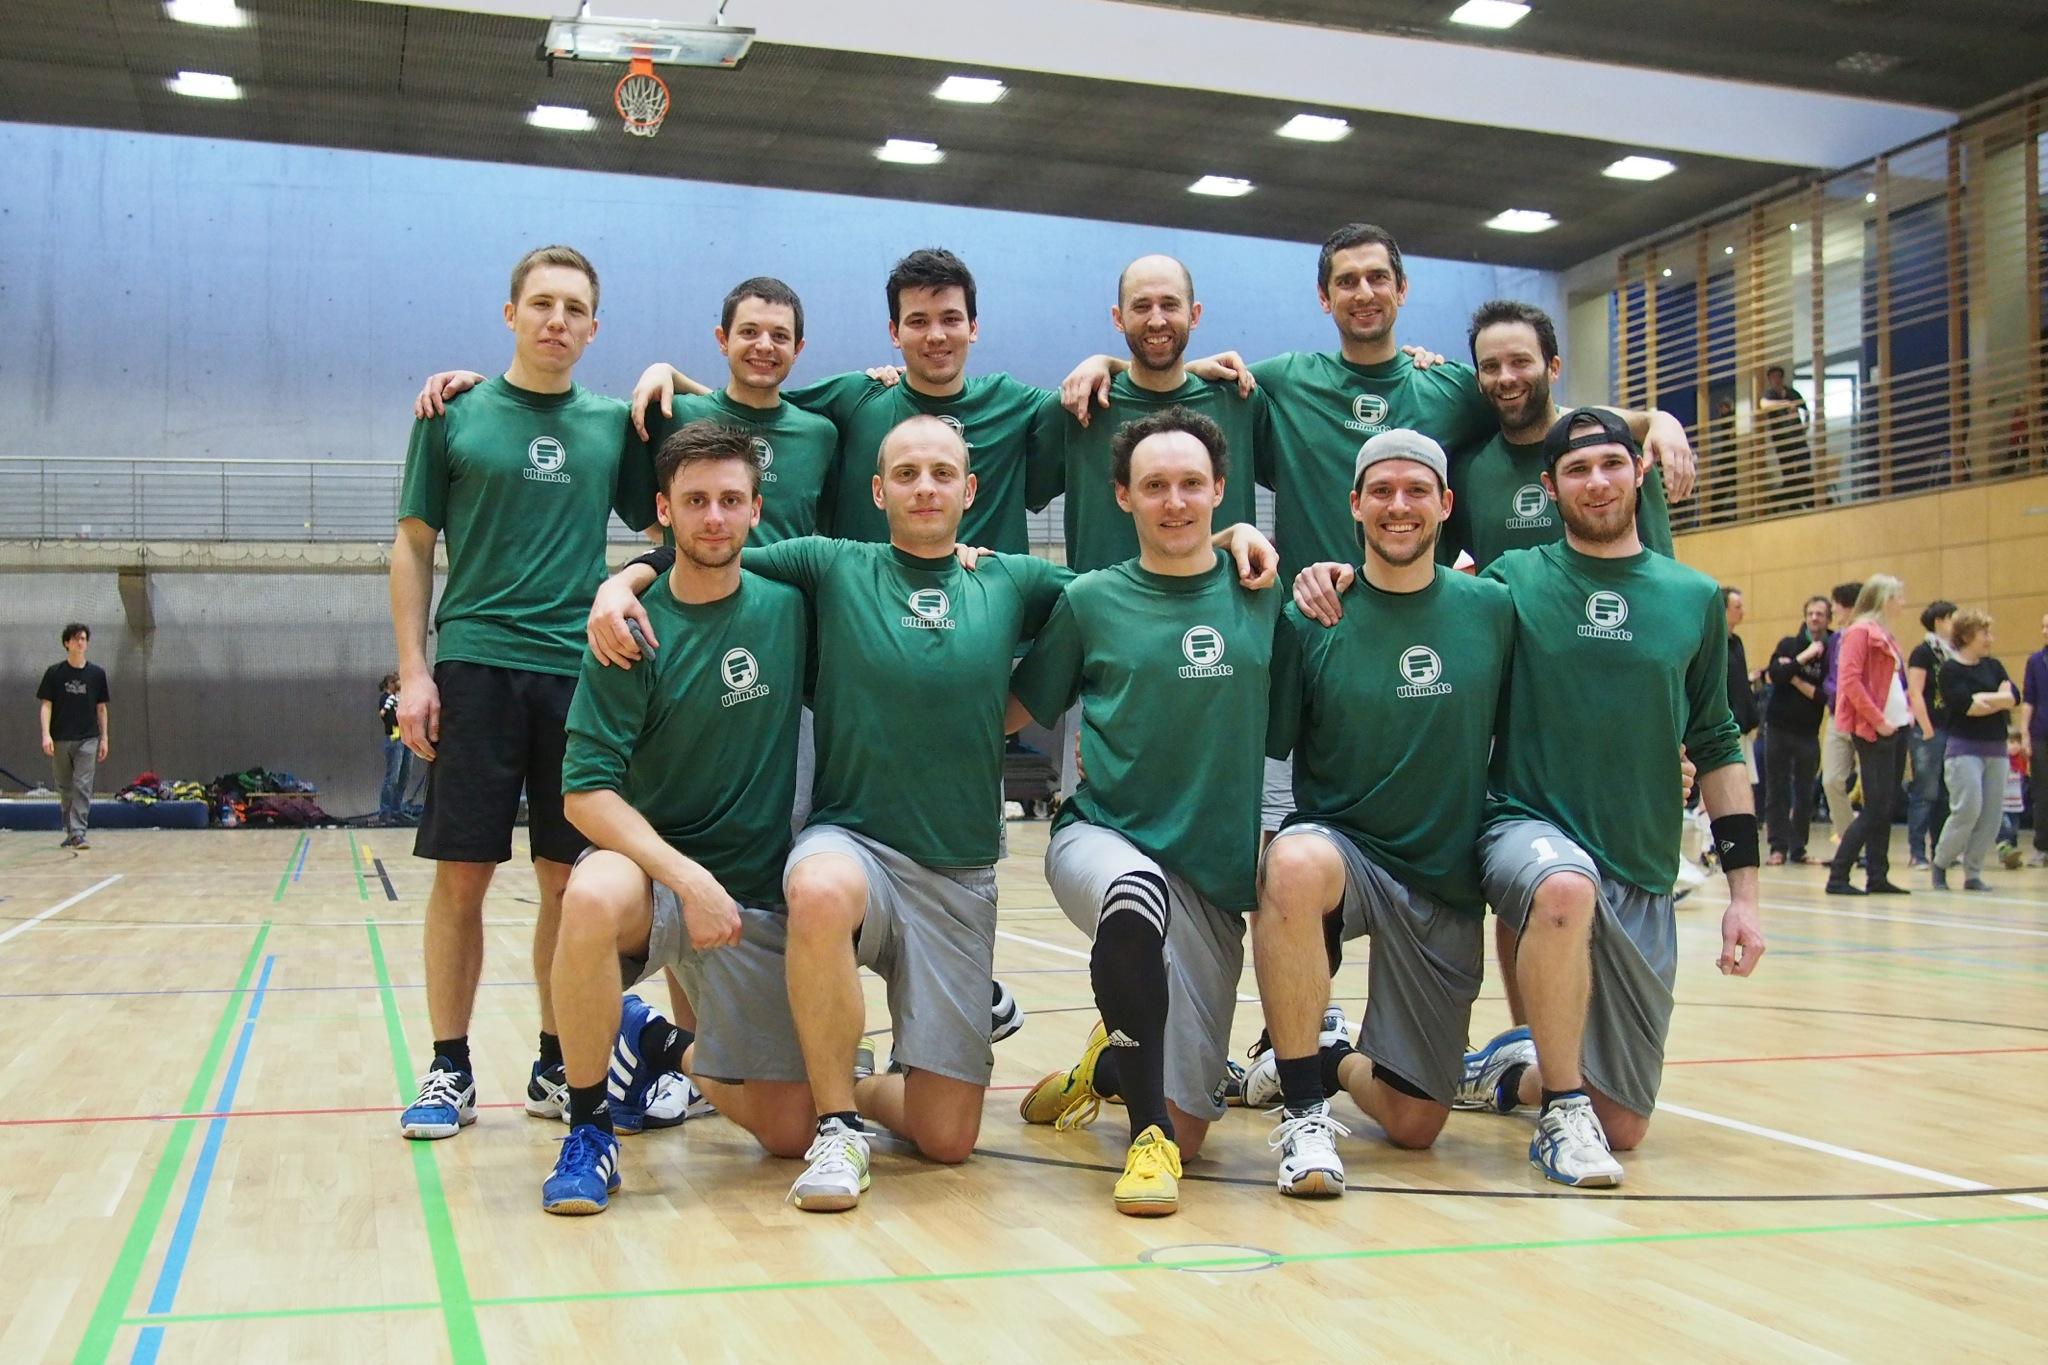 DiscoboyEZ gewinnen in Berlin